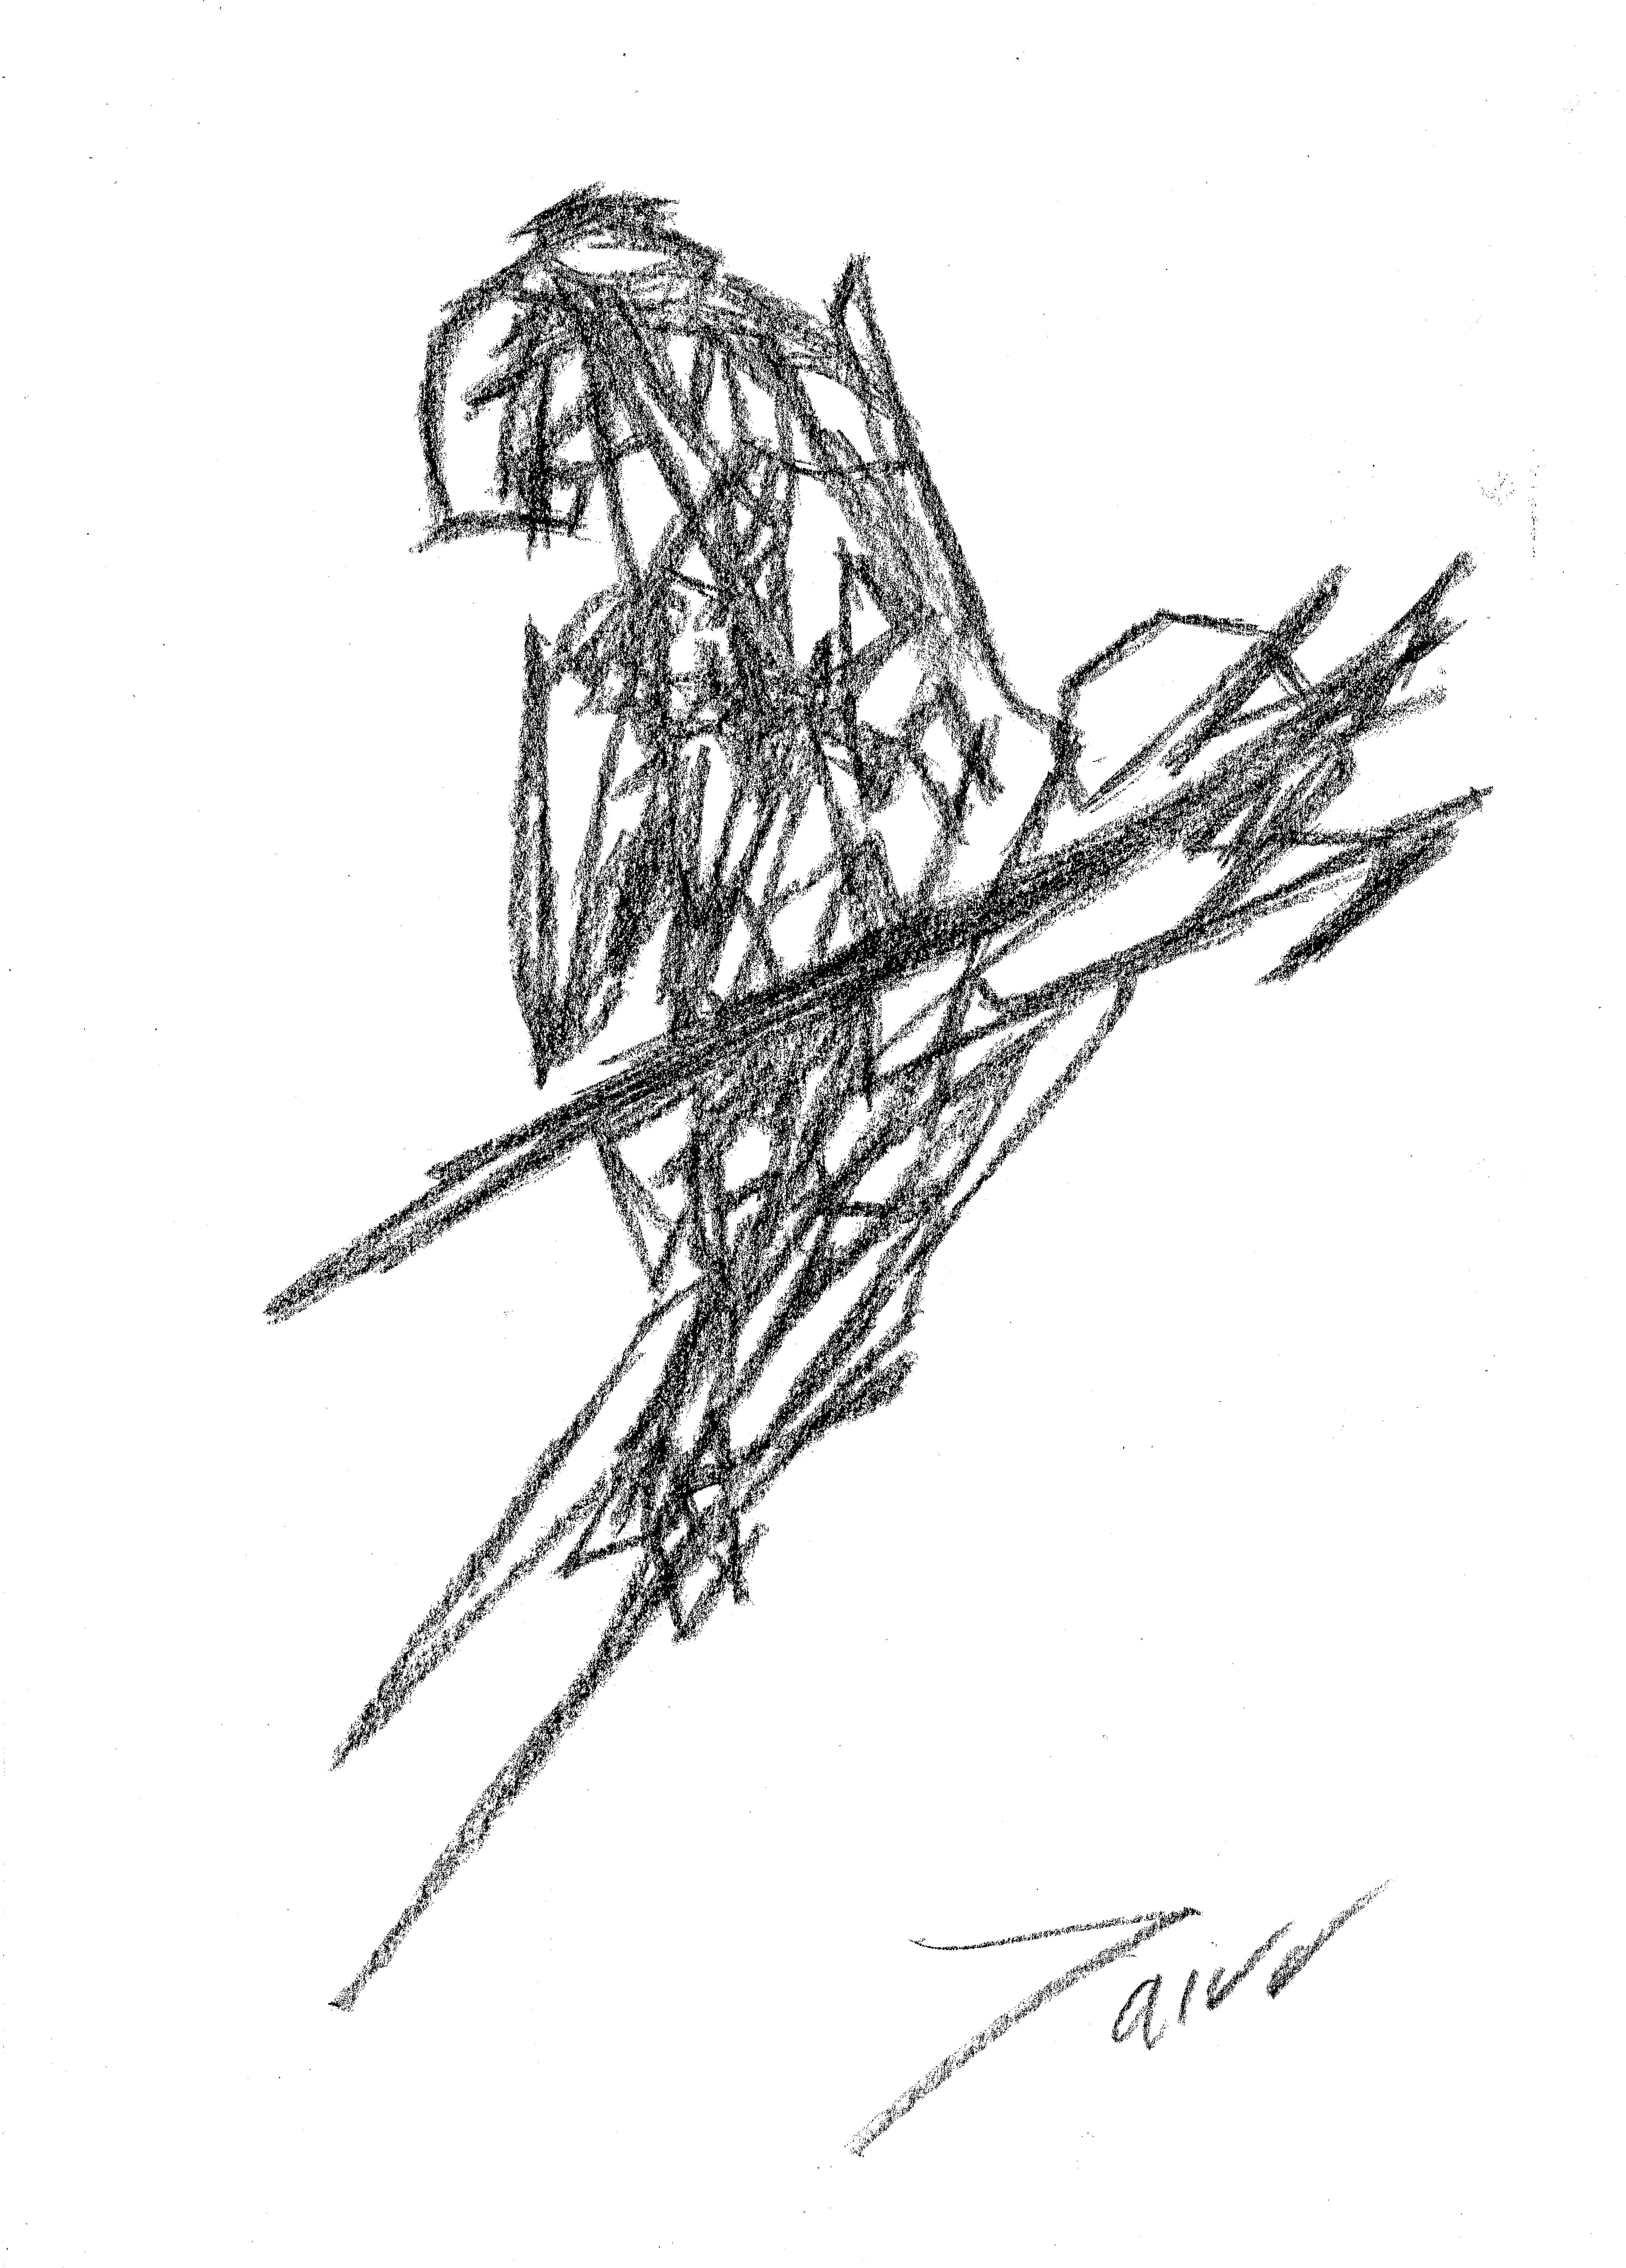 4950x6906 Tairo Ruiz Artist Marbella Sketches